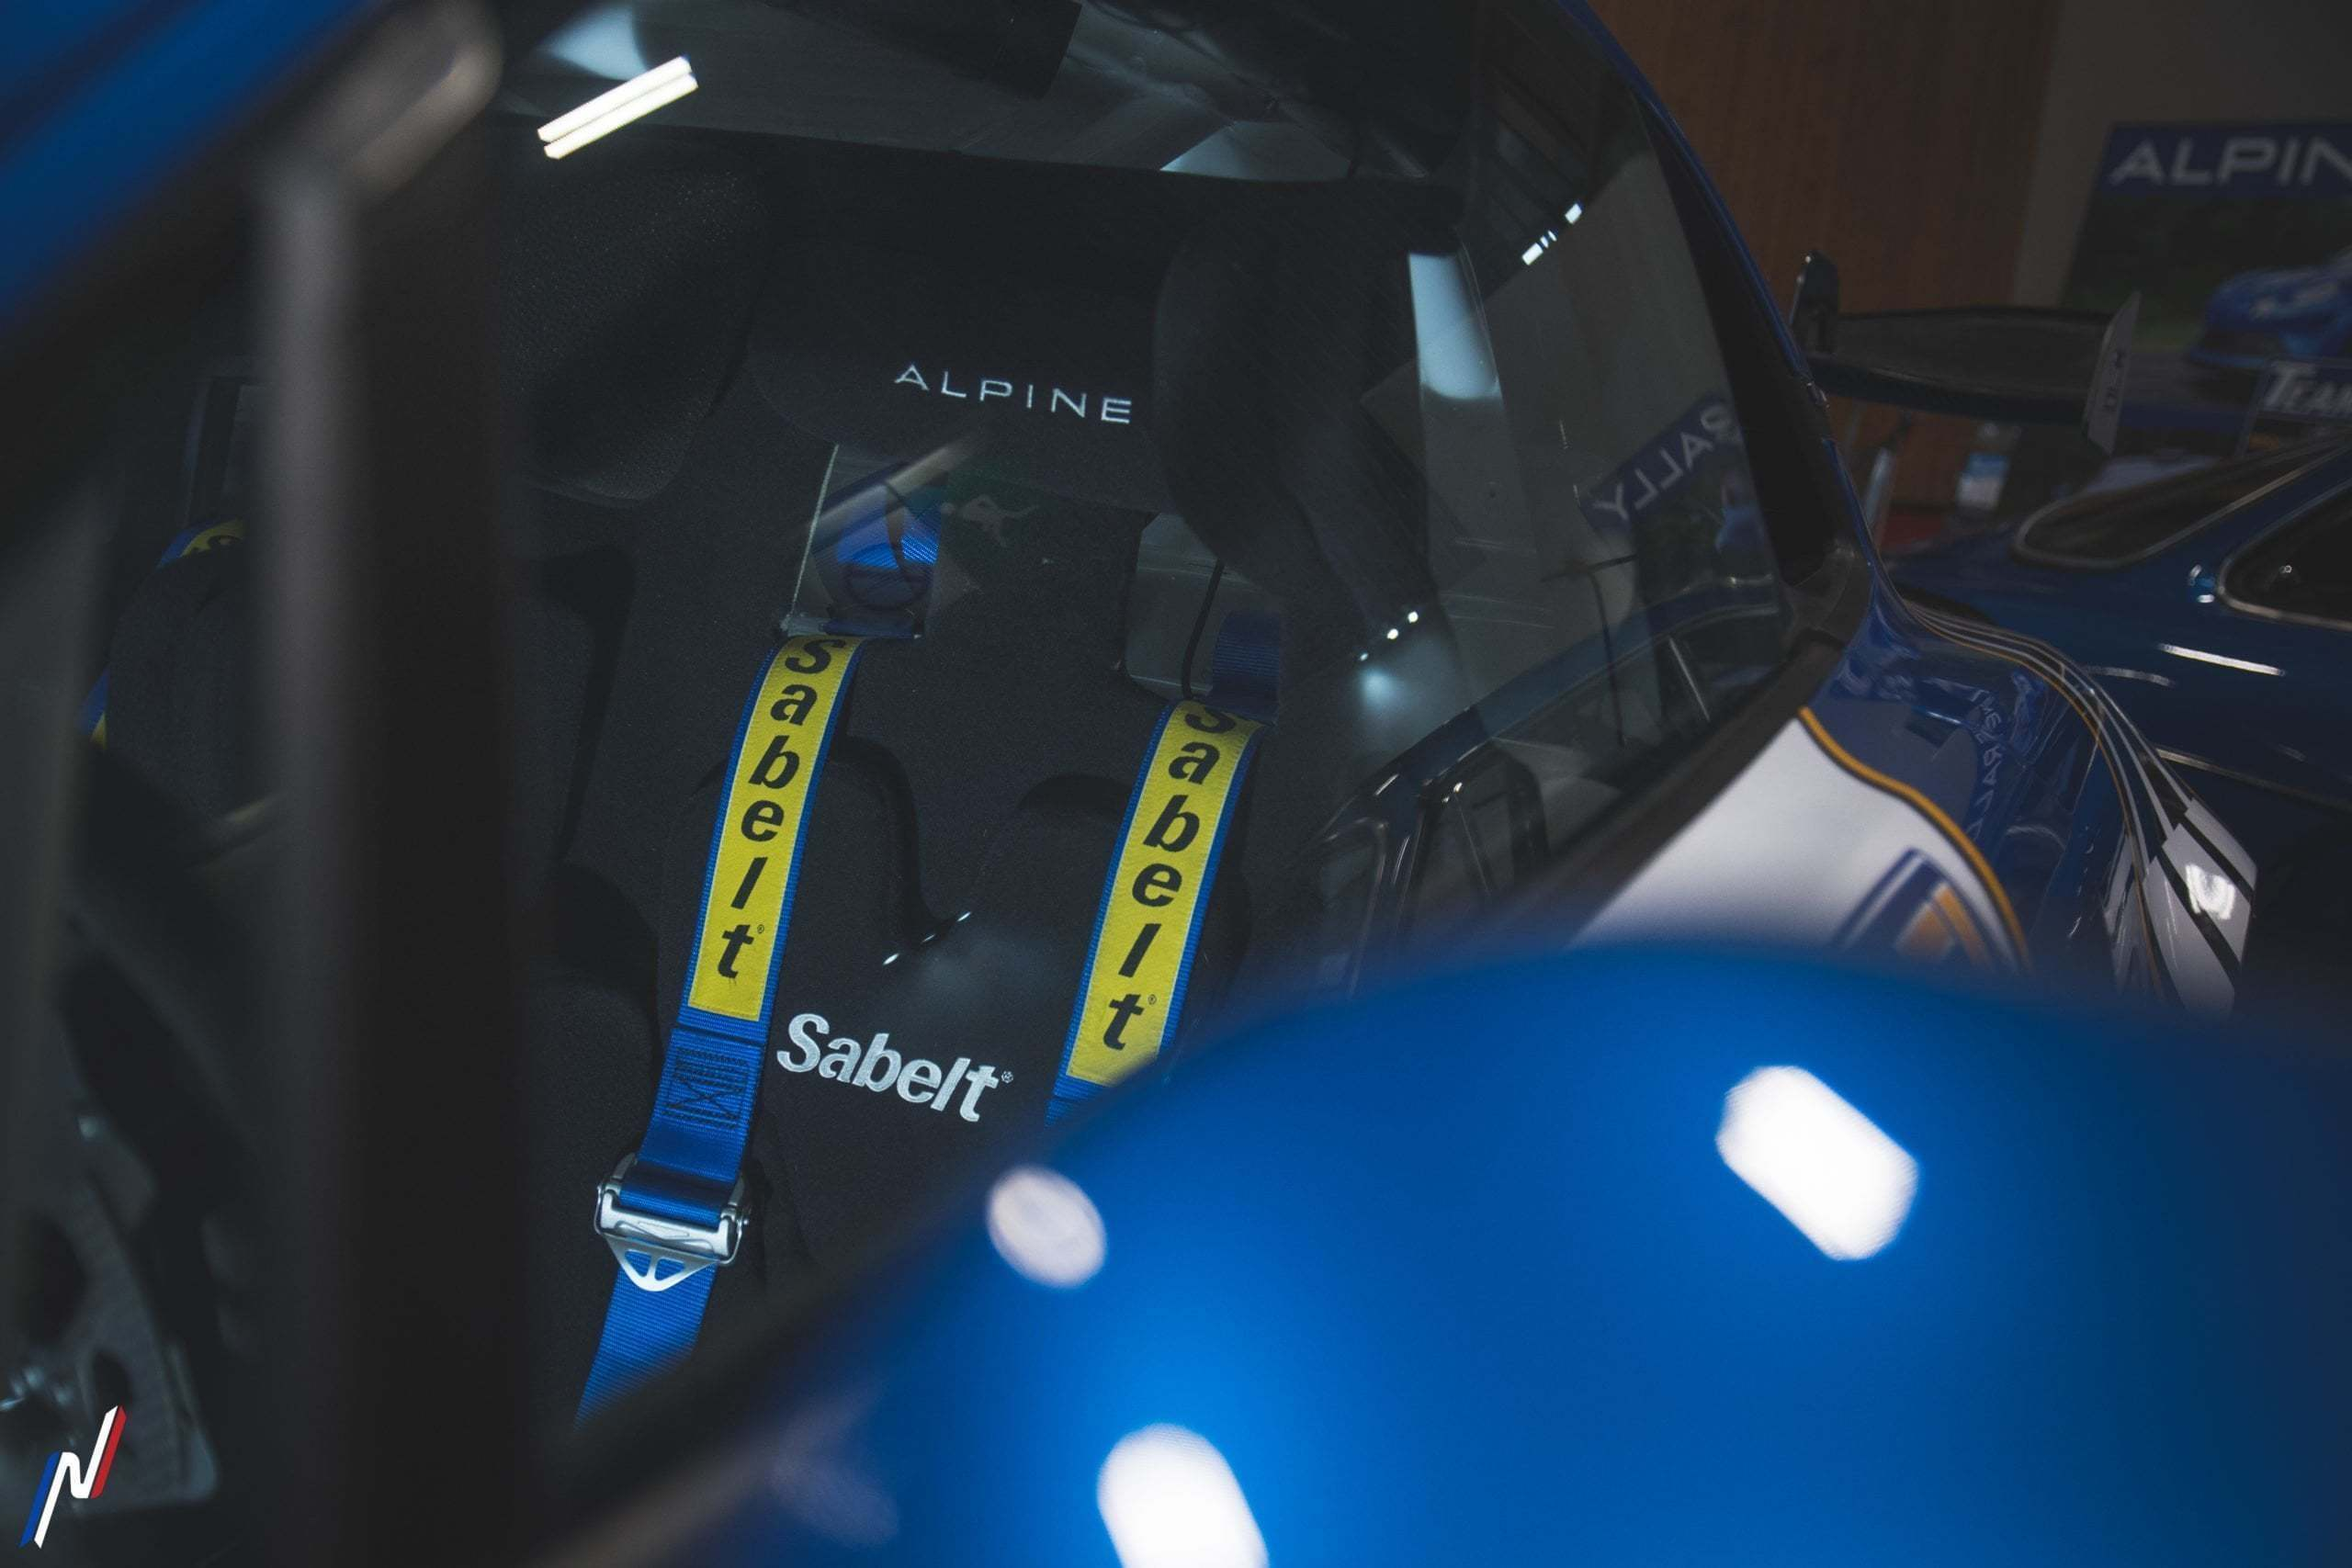 Rétromobile 2020 10 scaled - Rétromobile 2020: les Alpine en présence